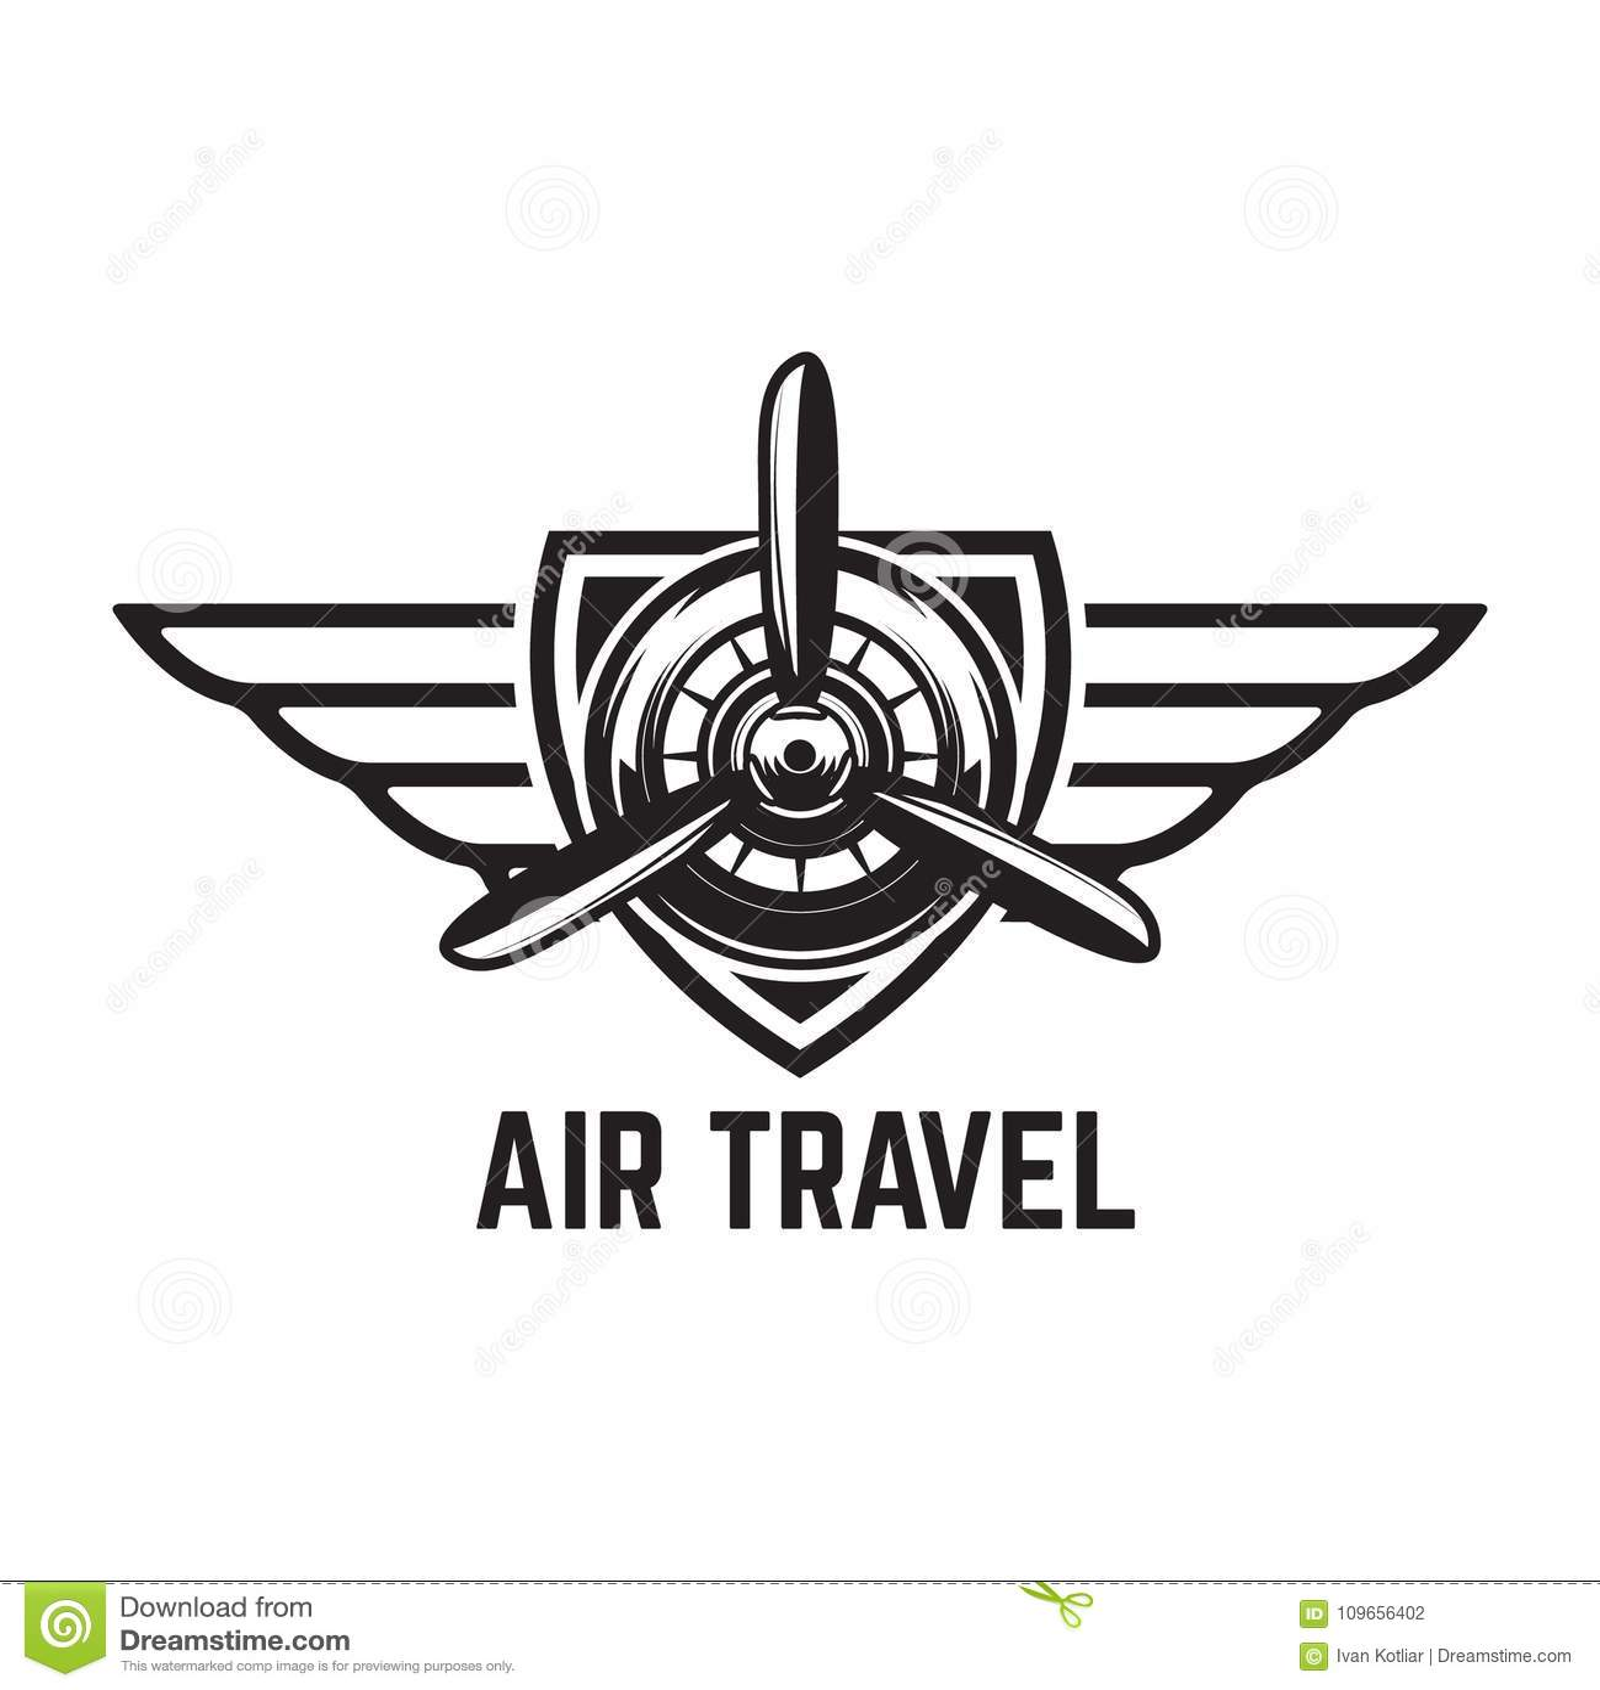 aviation training center emblem template with retro airplane design